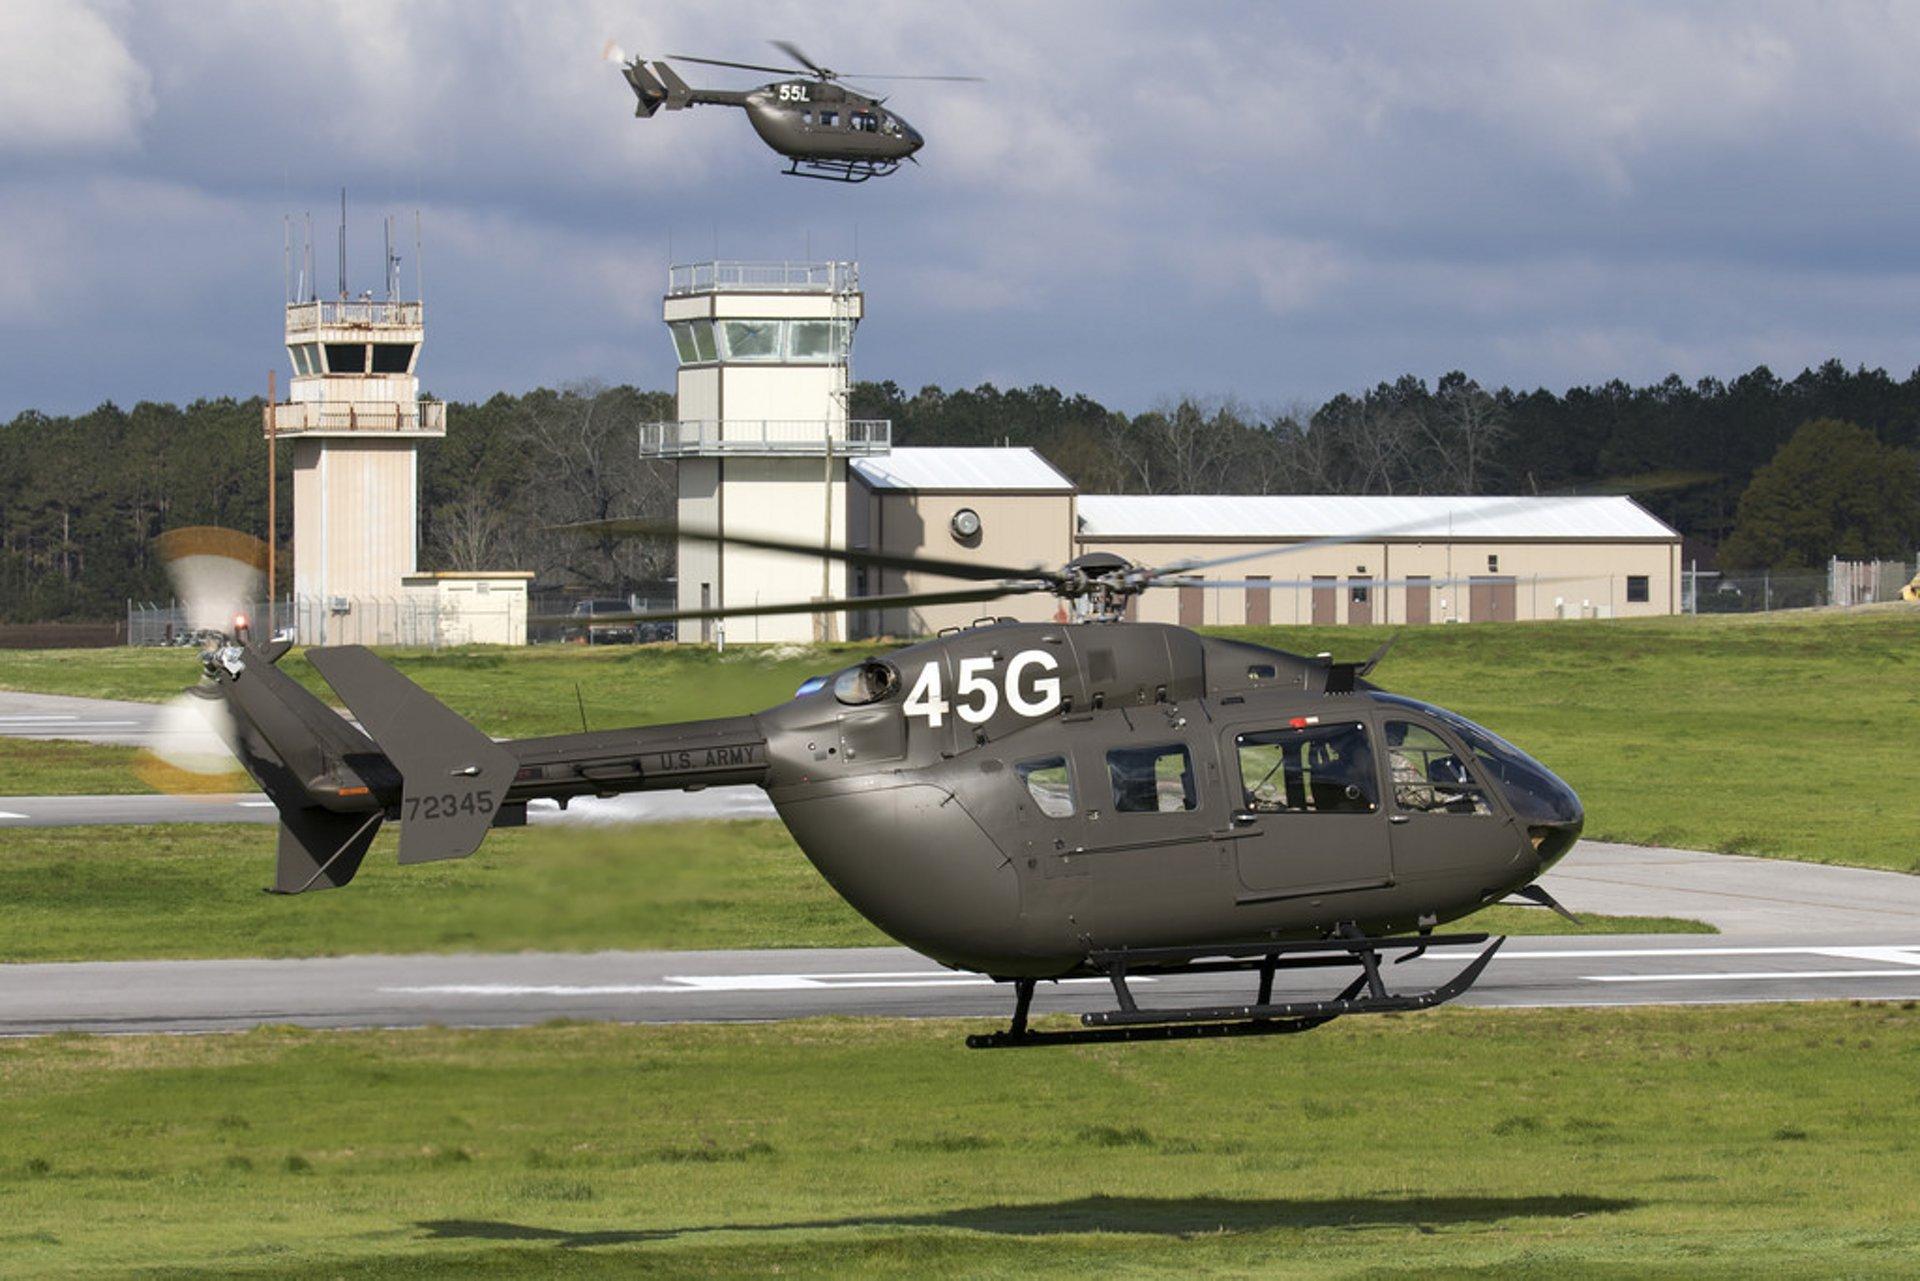 UH-72A Lakota helicopters